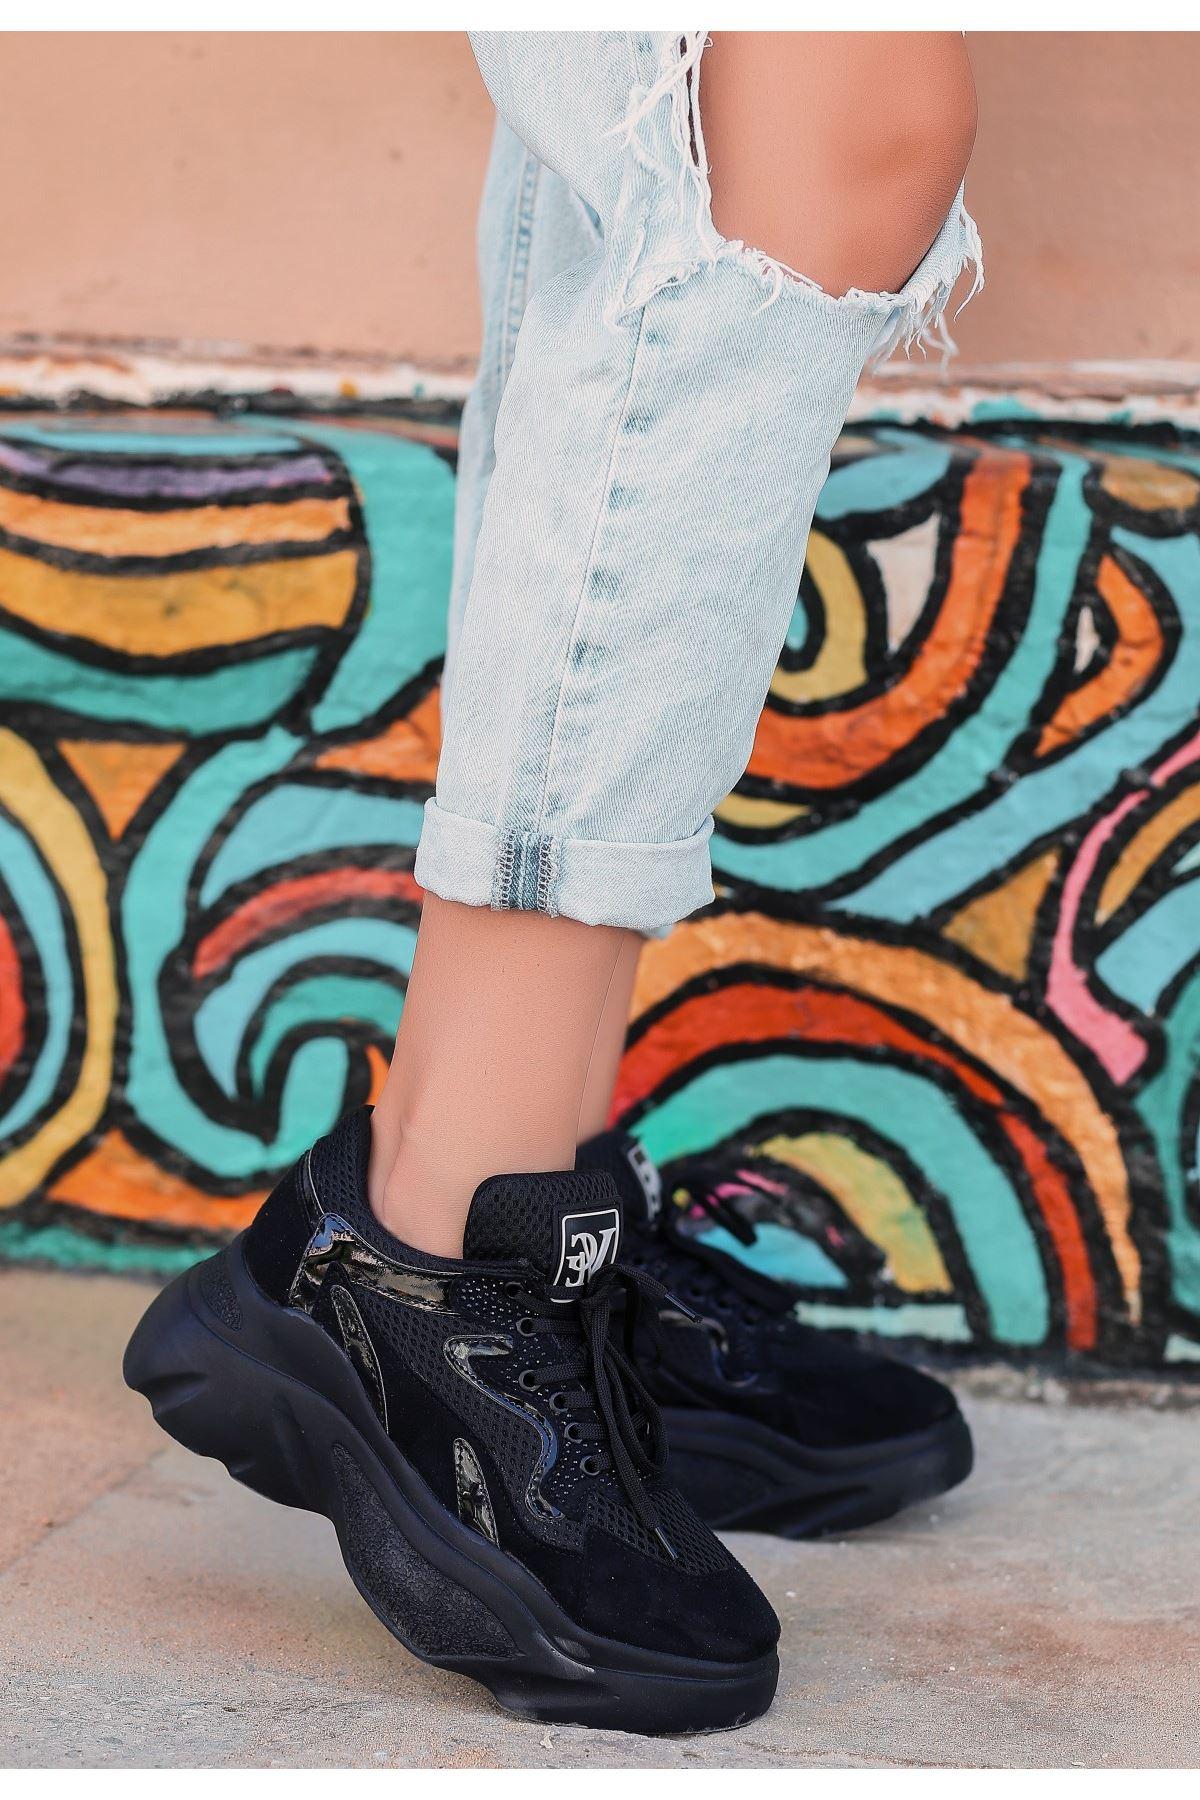 Arviç Siyah Süet Rugan Detaylı Spor Ayakkabı